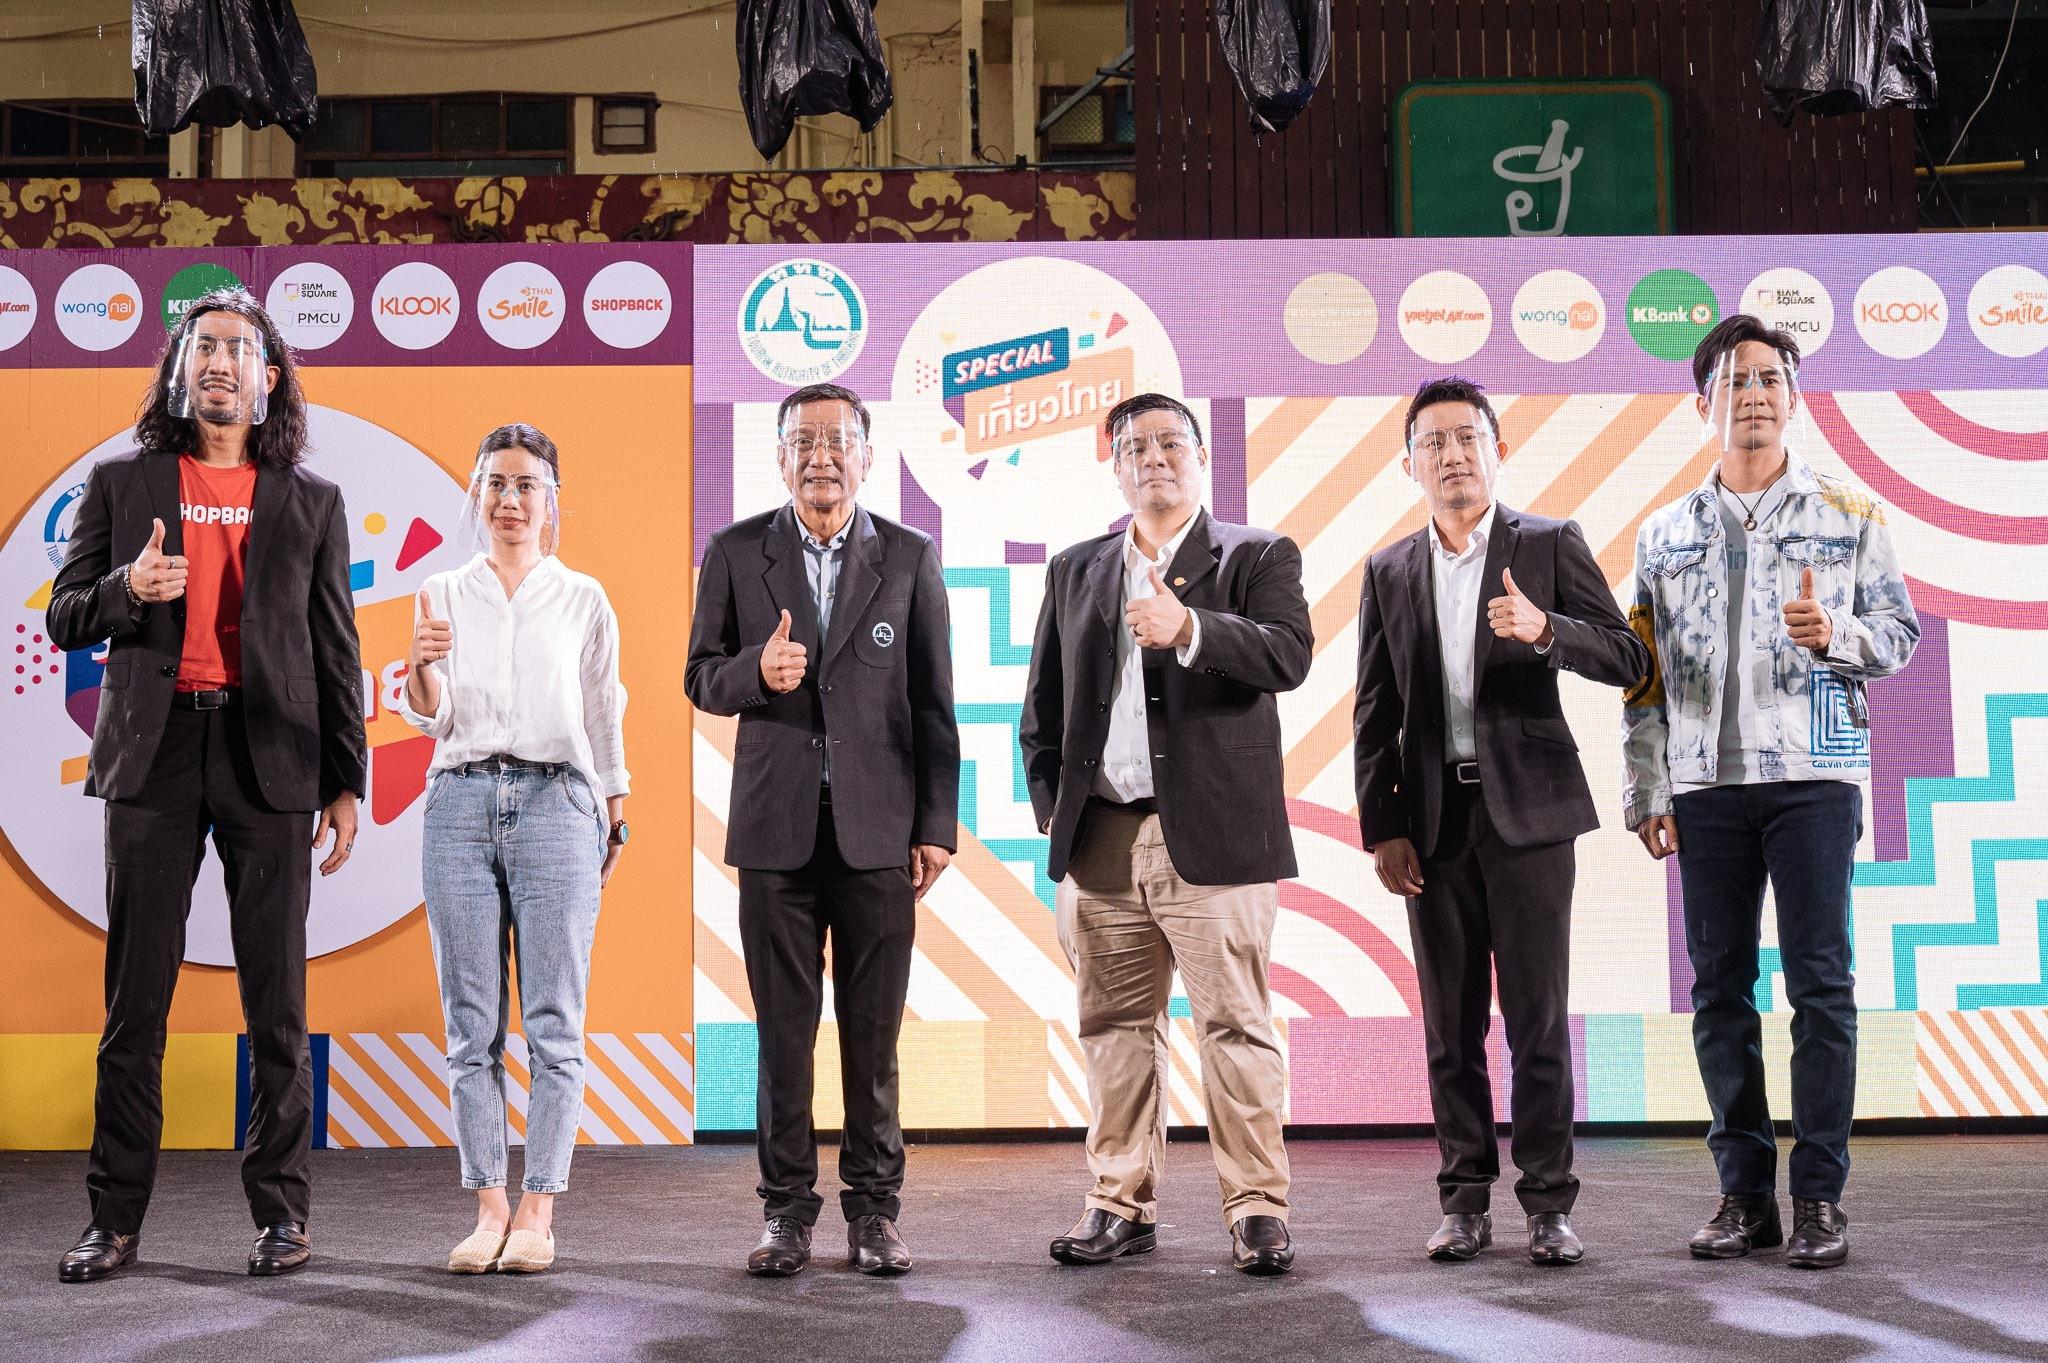 specialtiewthai Specialเที่ยวไทย TAT การท่องเที่ยวแห่งประเทศไทย ททท